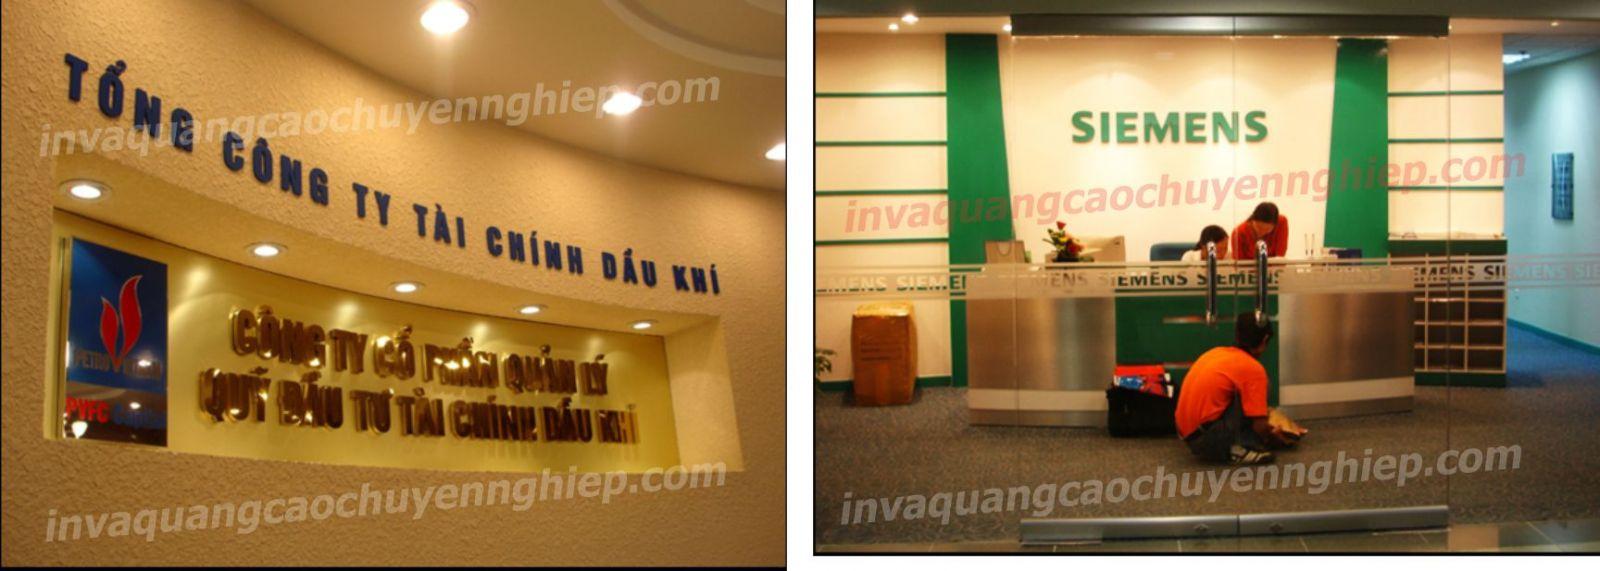 Làm biển lễ tân, logo backdrop văn phòng bằng mica và inox sáng bóng